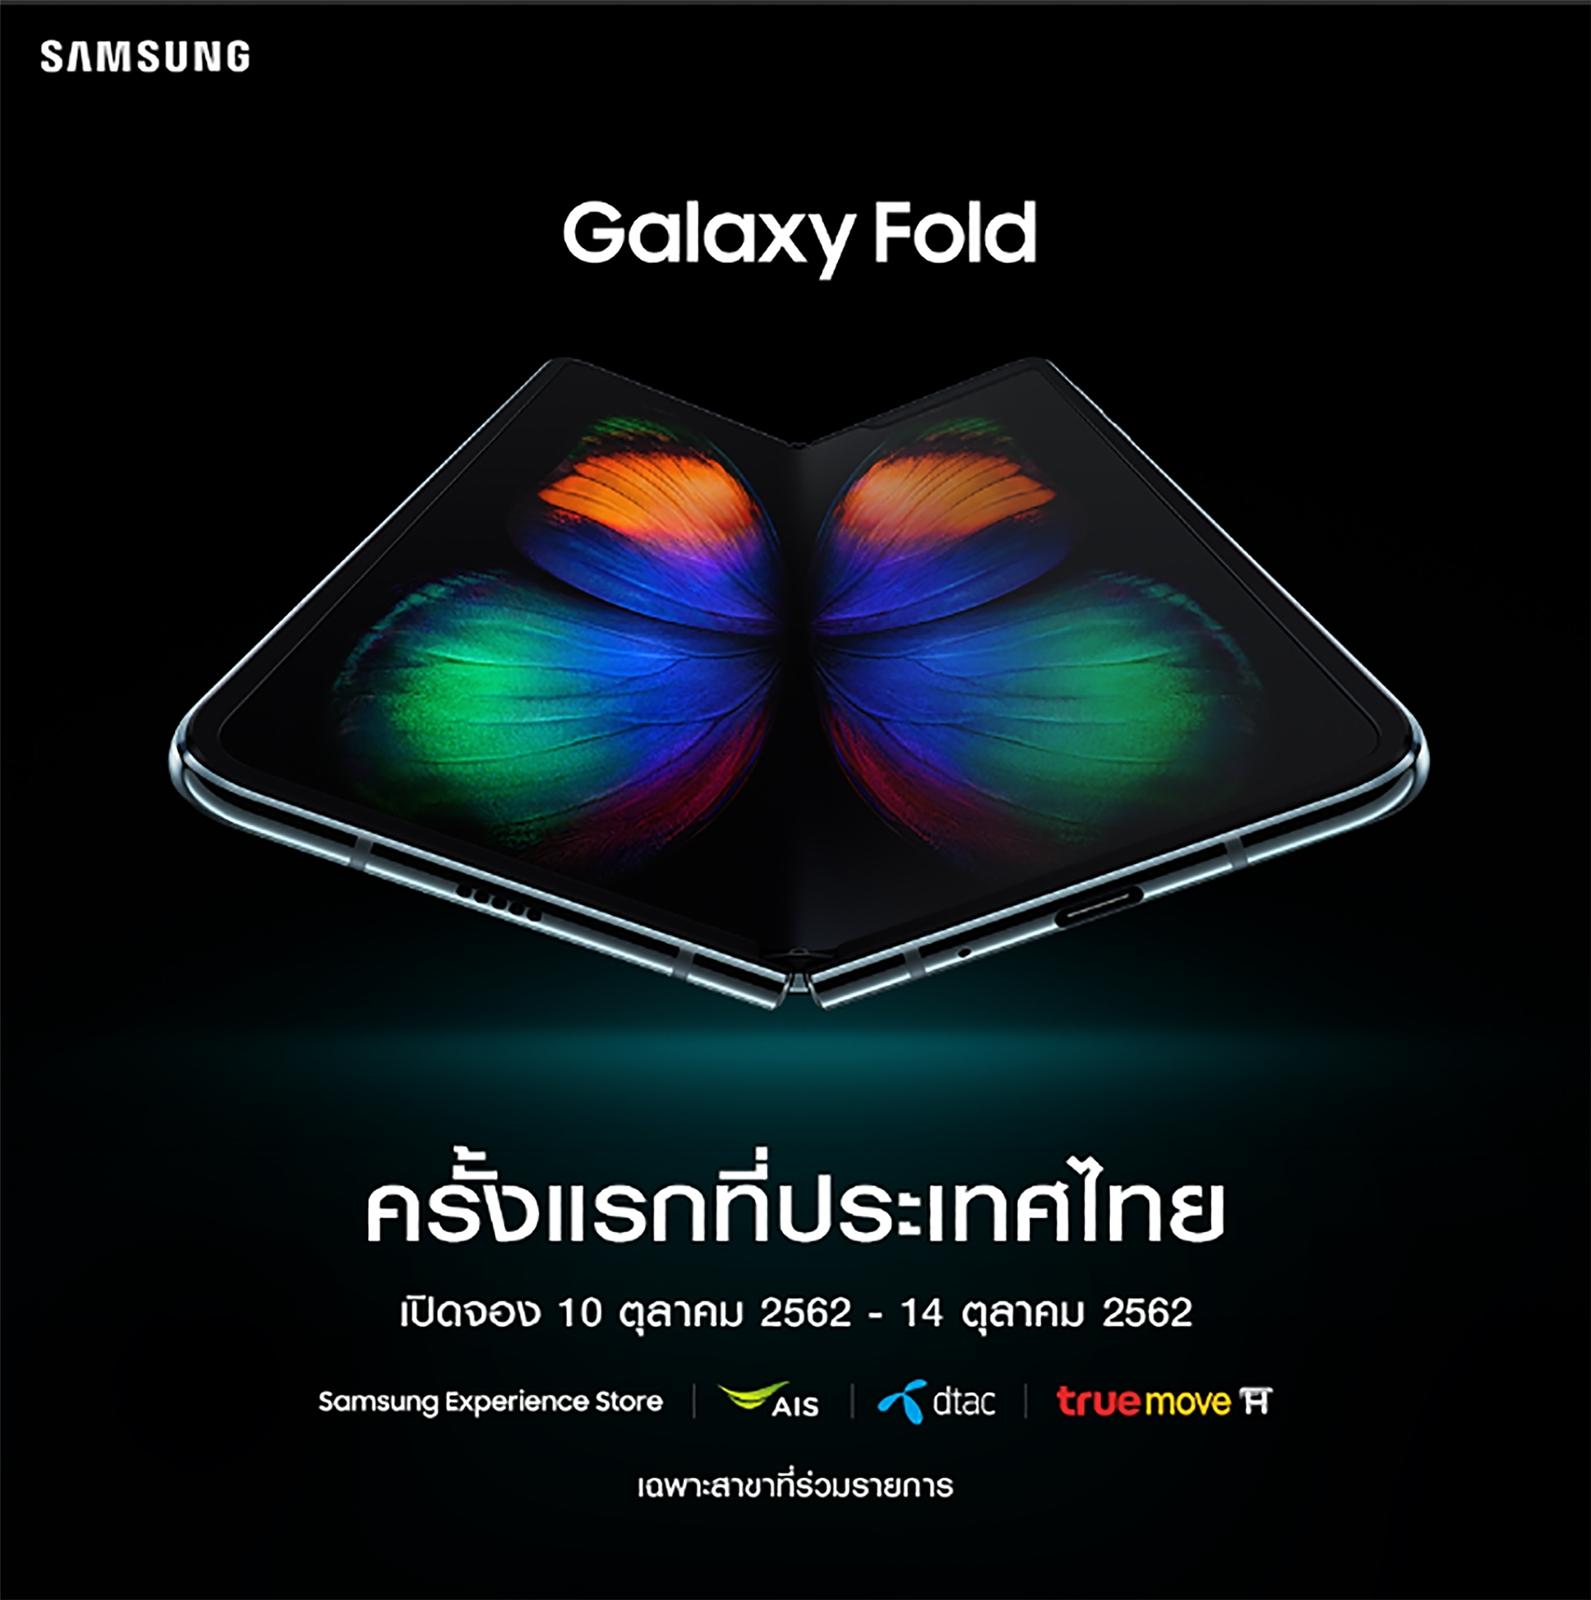 Samsung Galaxy Fold สุดยอดนวัตกรรมสมาร์ทโฟนหน้าจอพับได้รุ่นแรกของโลก เปิดจอง 10-14 ตุลาคม นี้ รับเครื่องเป็นกลุ่มแรก 16 ตุลาคม